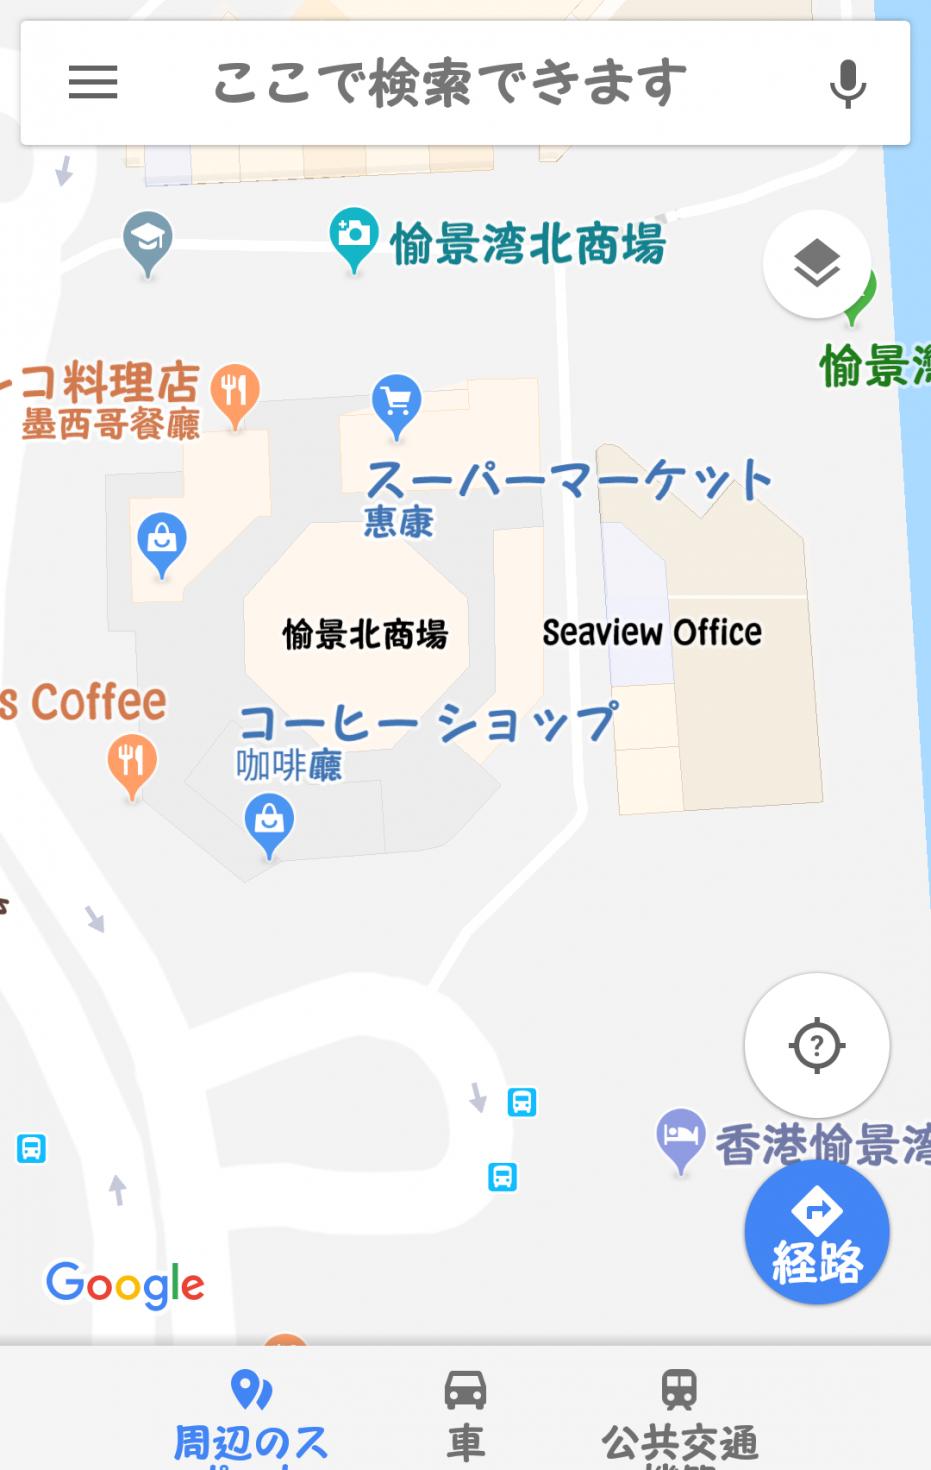 ホテル(下のロータリー部分がエントランス)からの位置関係はこんな感じです。名前の表示がない青いバッグマークがセブンです。